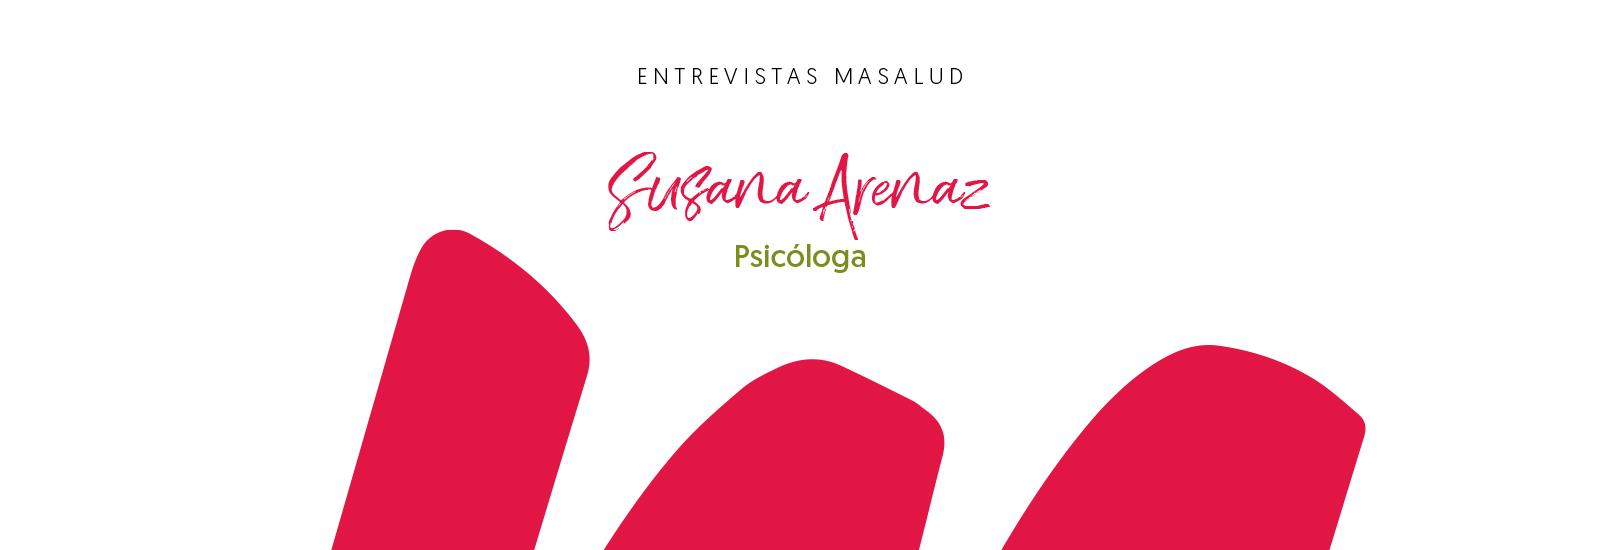 Más Masalud, Susana Arenaz,  Psicóloga